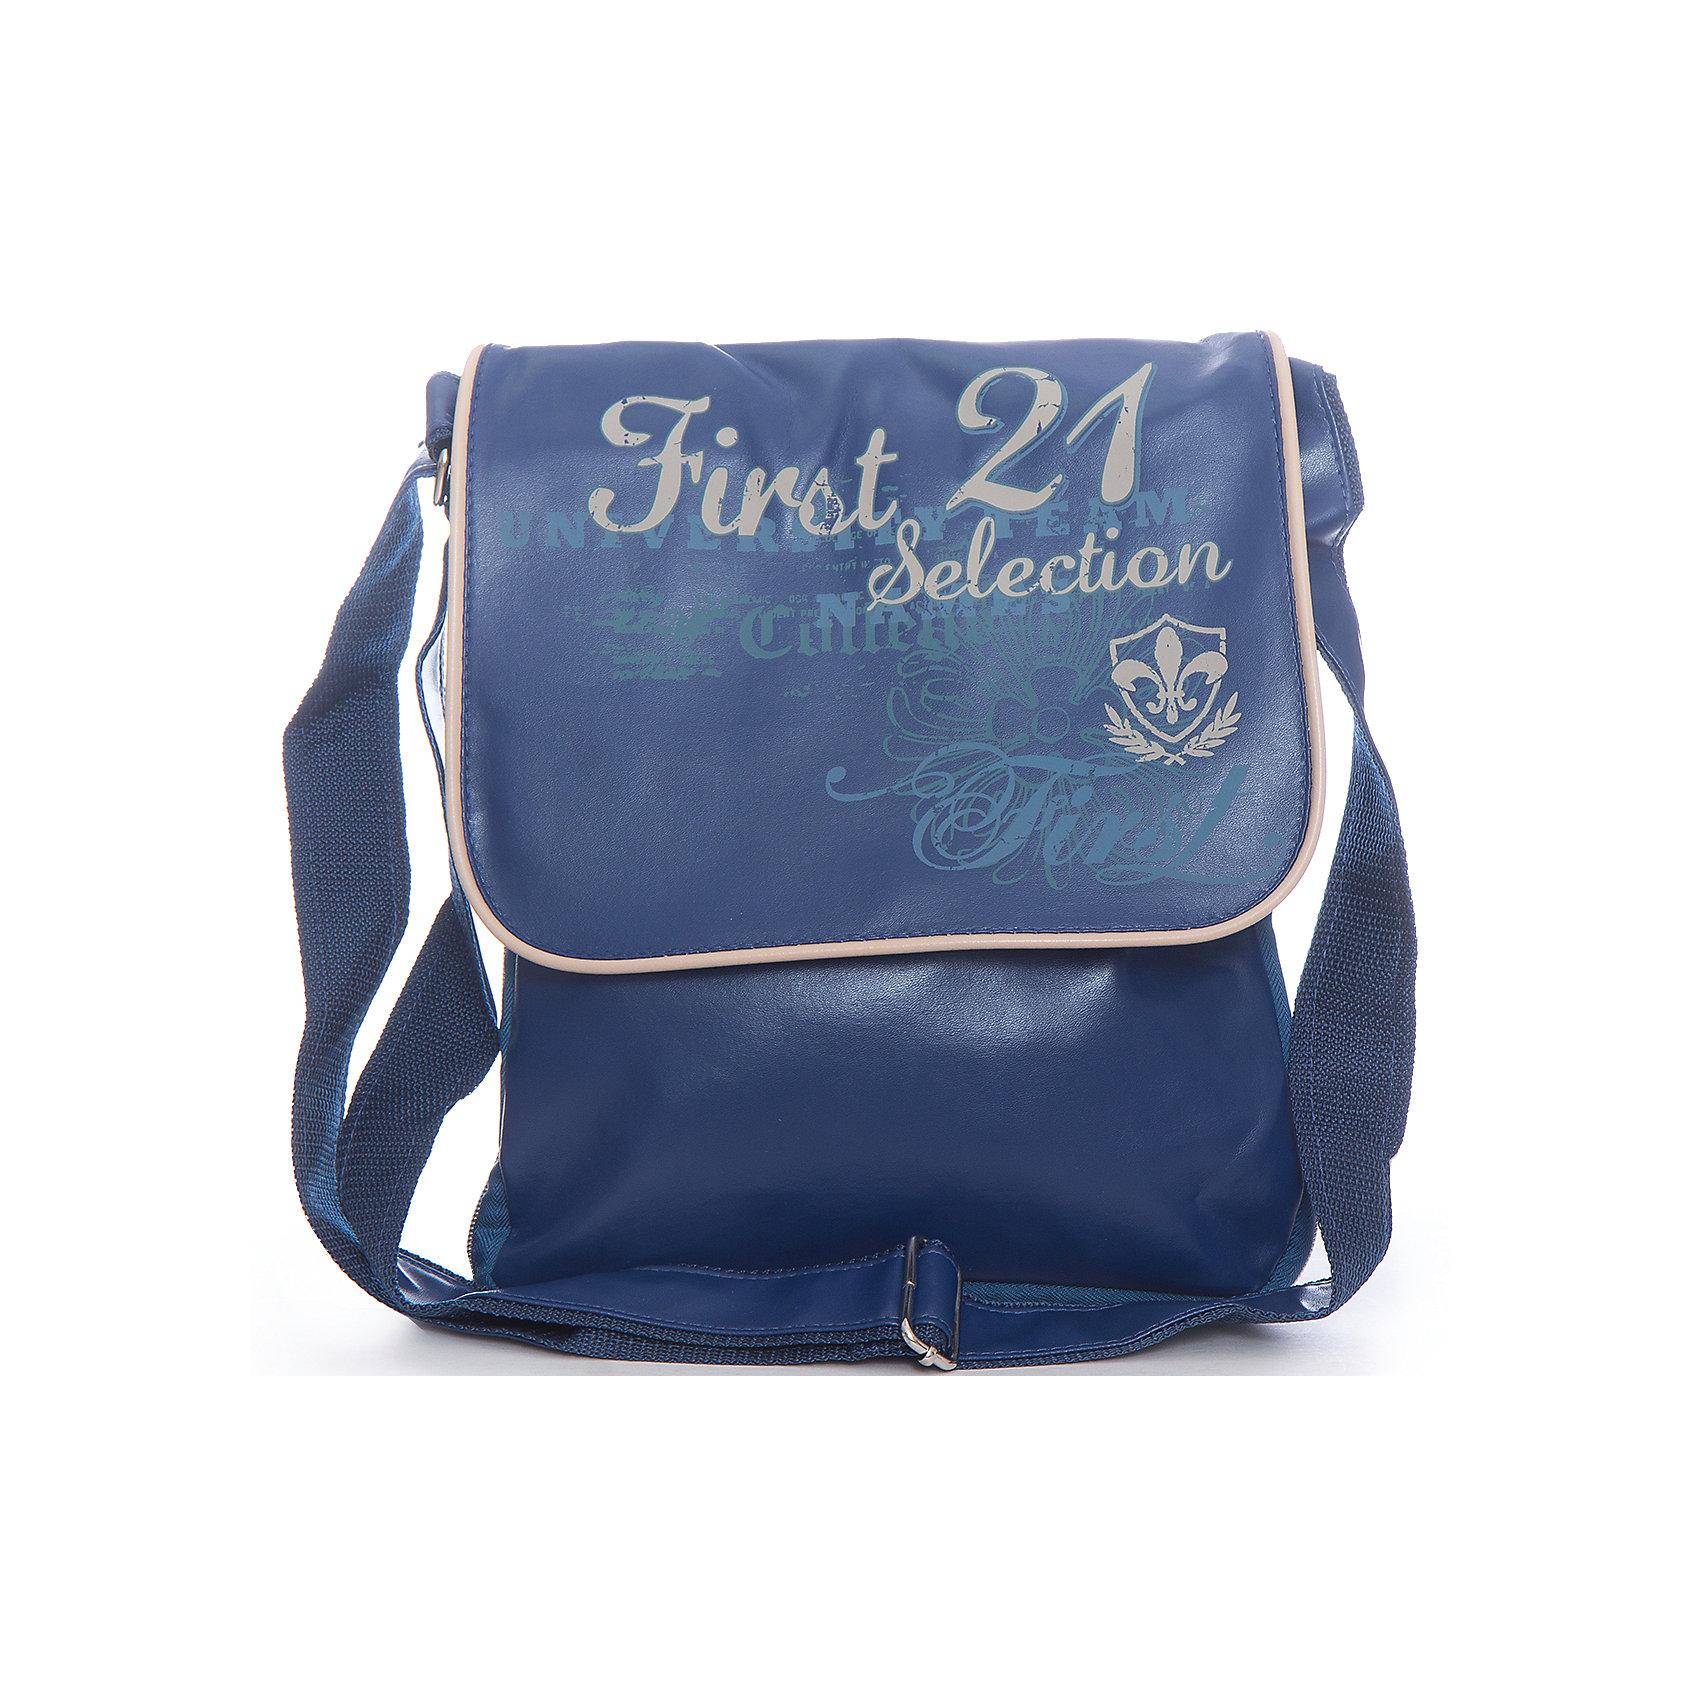 Сумка подростковая КолледжШкольные сумки<br>Стильная сумка с запоминающимся дизайном придется по вкусу любому подростку. Модель оснащена уплотнённым плечевым ремнем, регулируемым по длине, удобными и практичными карманами, выполнена из высококачественного прочного материала.  <br><br>Дополнительная информация:<br><br>- Материал: полиуретан.<br>- Размер: 25х30х3 см.<br>- Тип застежки: магнитный замок.  <br>- Плечевой ремень регулируется.<br>- 1 большое отделение с небольшим боковым карманом и карманом телефона.<br>- 2 маленьких отделения: 1 под клапаном, 1 сзади (закрывается на липучку).<br>- Полноцветная печать с 3D технологией.<br><br>Сумку подростковую Колледж можно купить в нашем магазине.<br><br>Ширина мм: 310<br>Глубина мм: 260<br>Высота мм: 40<br>Вес г: 270<br>Возраст от месяцев: 144<br>Возраст до месяцев: 192<br>Пол: Унисекс<br>Возраст: Детский<br>SKU: 4756070